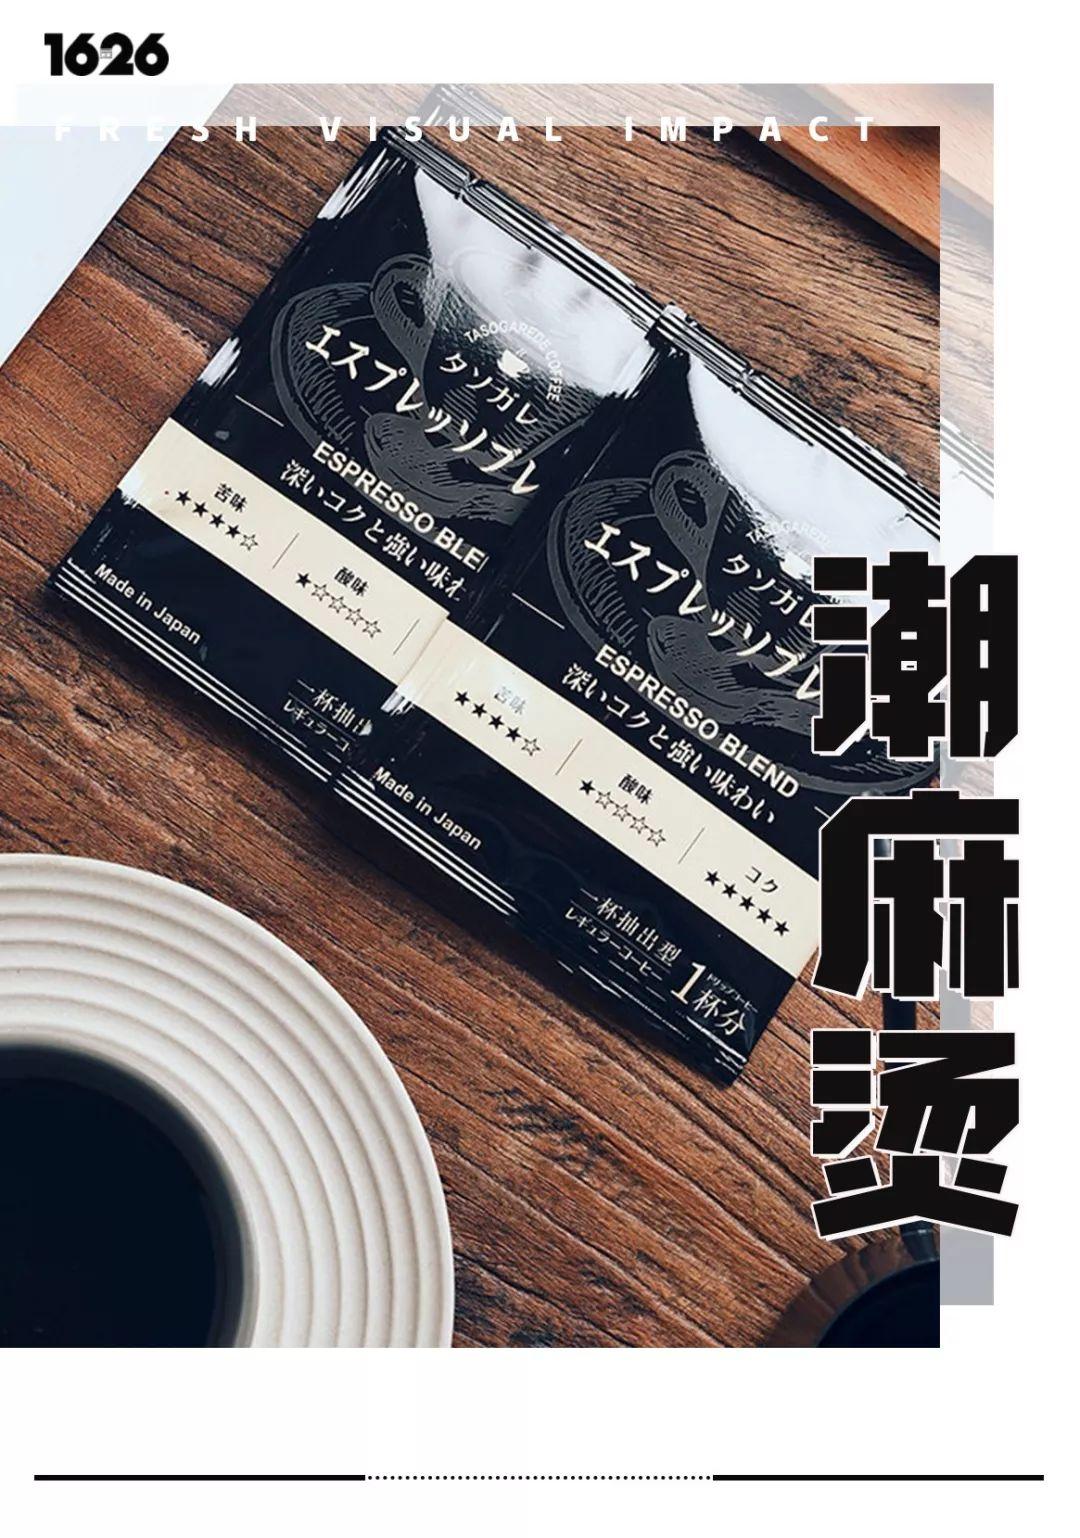 还在喝速溶咖啡 ?这 4 款白菜价「 挂耳咖啡 」你一定要试 !!|